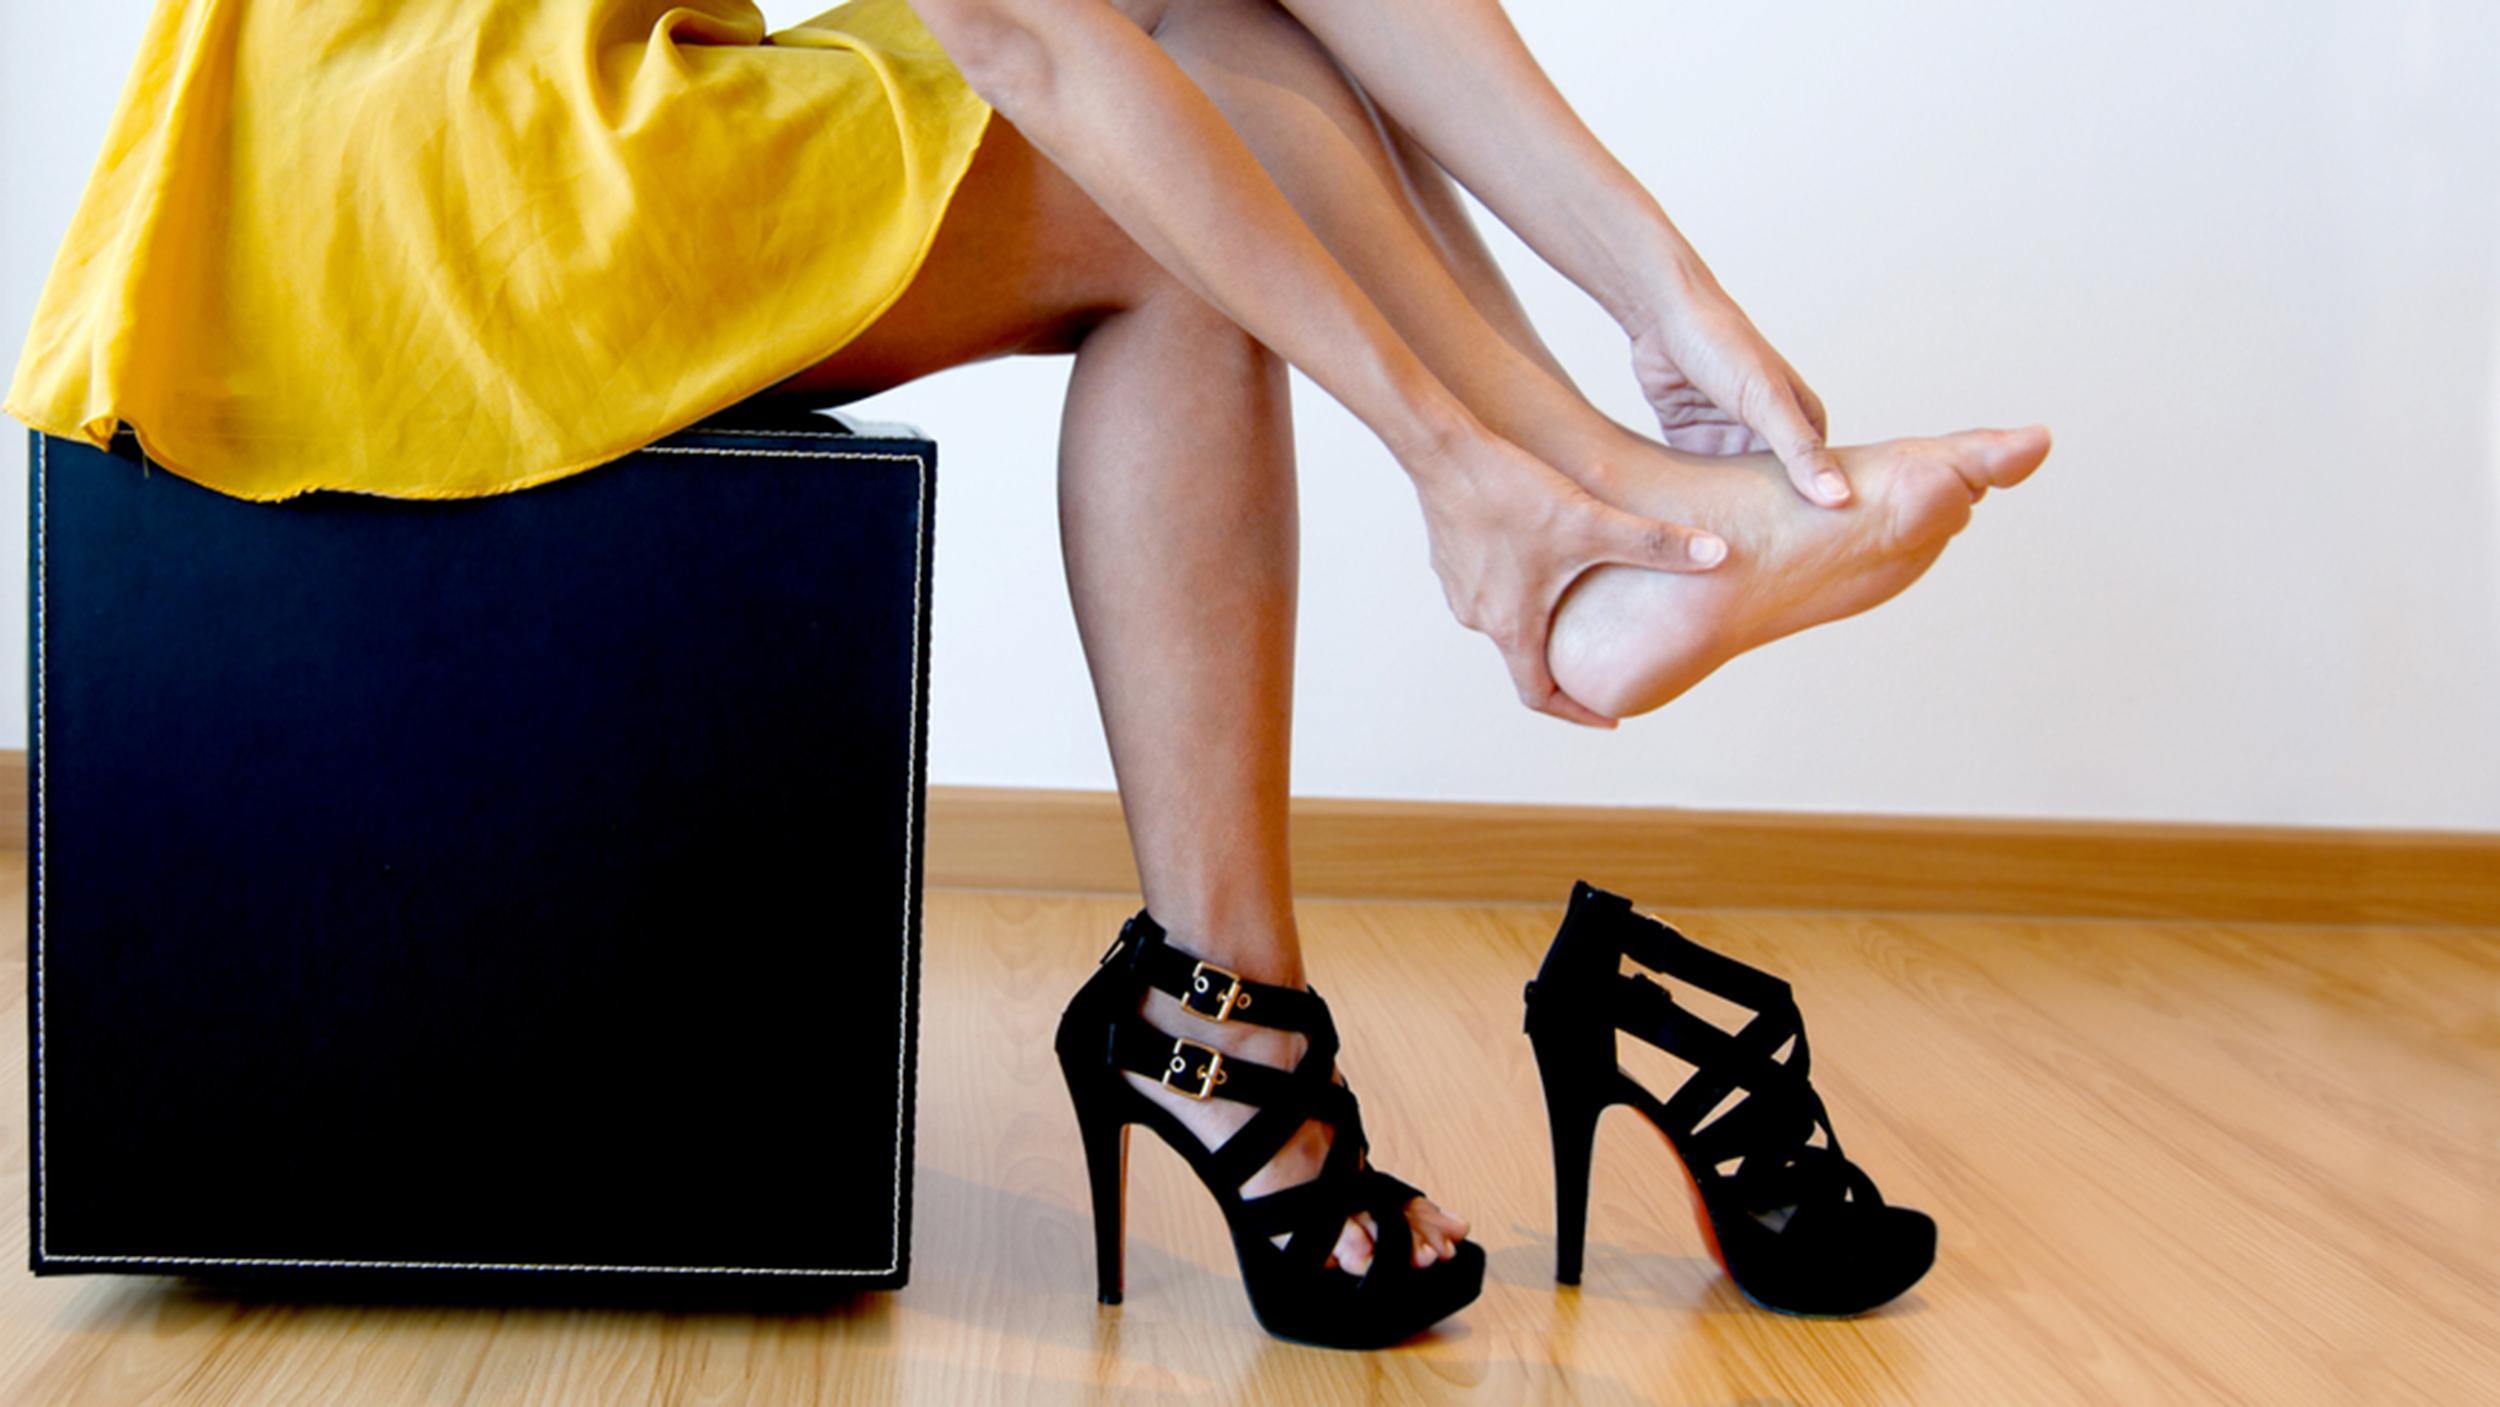 женщина сняла обувь и массирует ногу